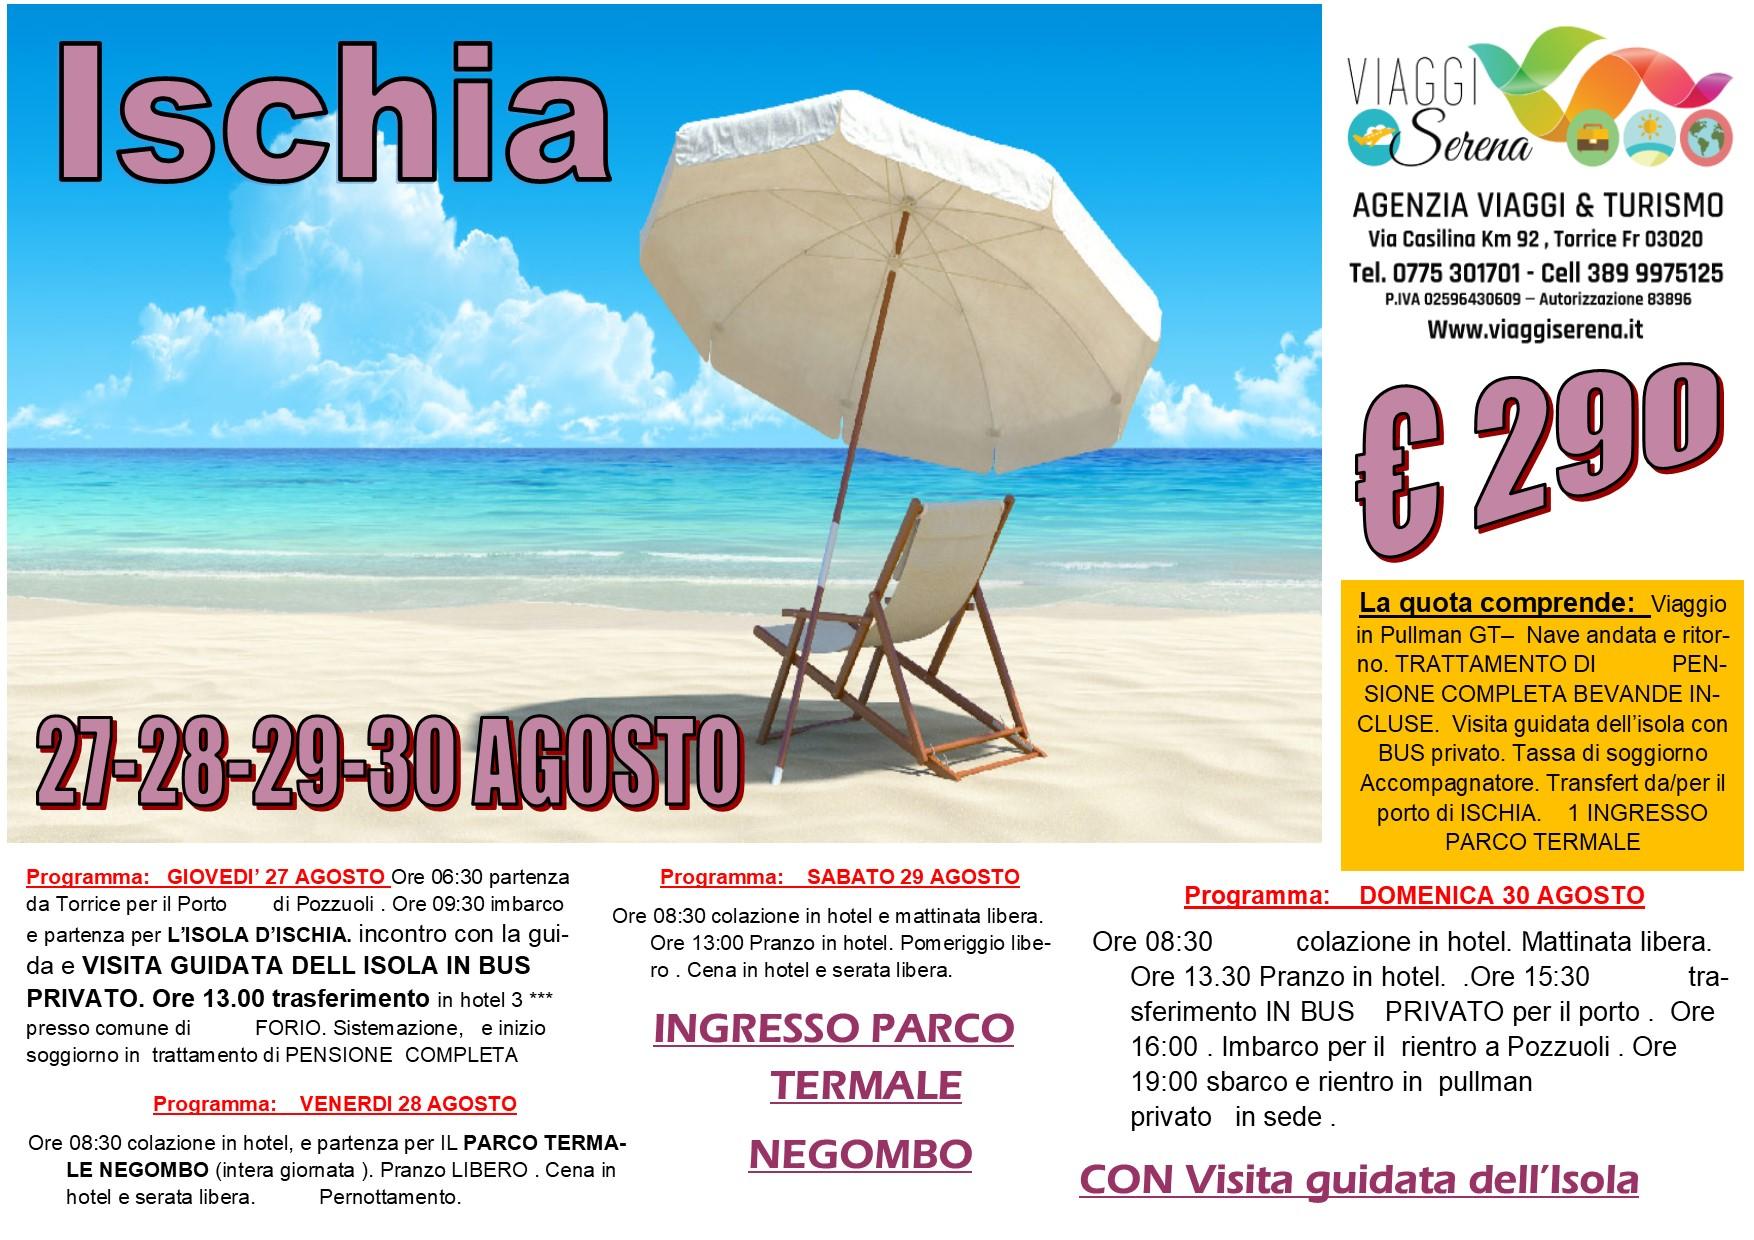 Viaggi di Gruppo: soggiorno Isola d'ISCHIA 27-28-29-30 Agosto €290,00